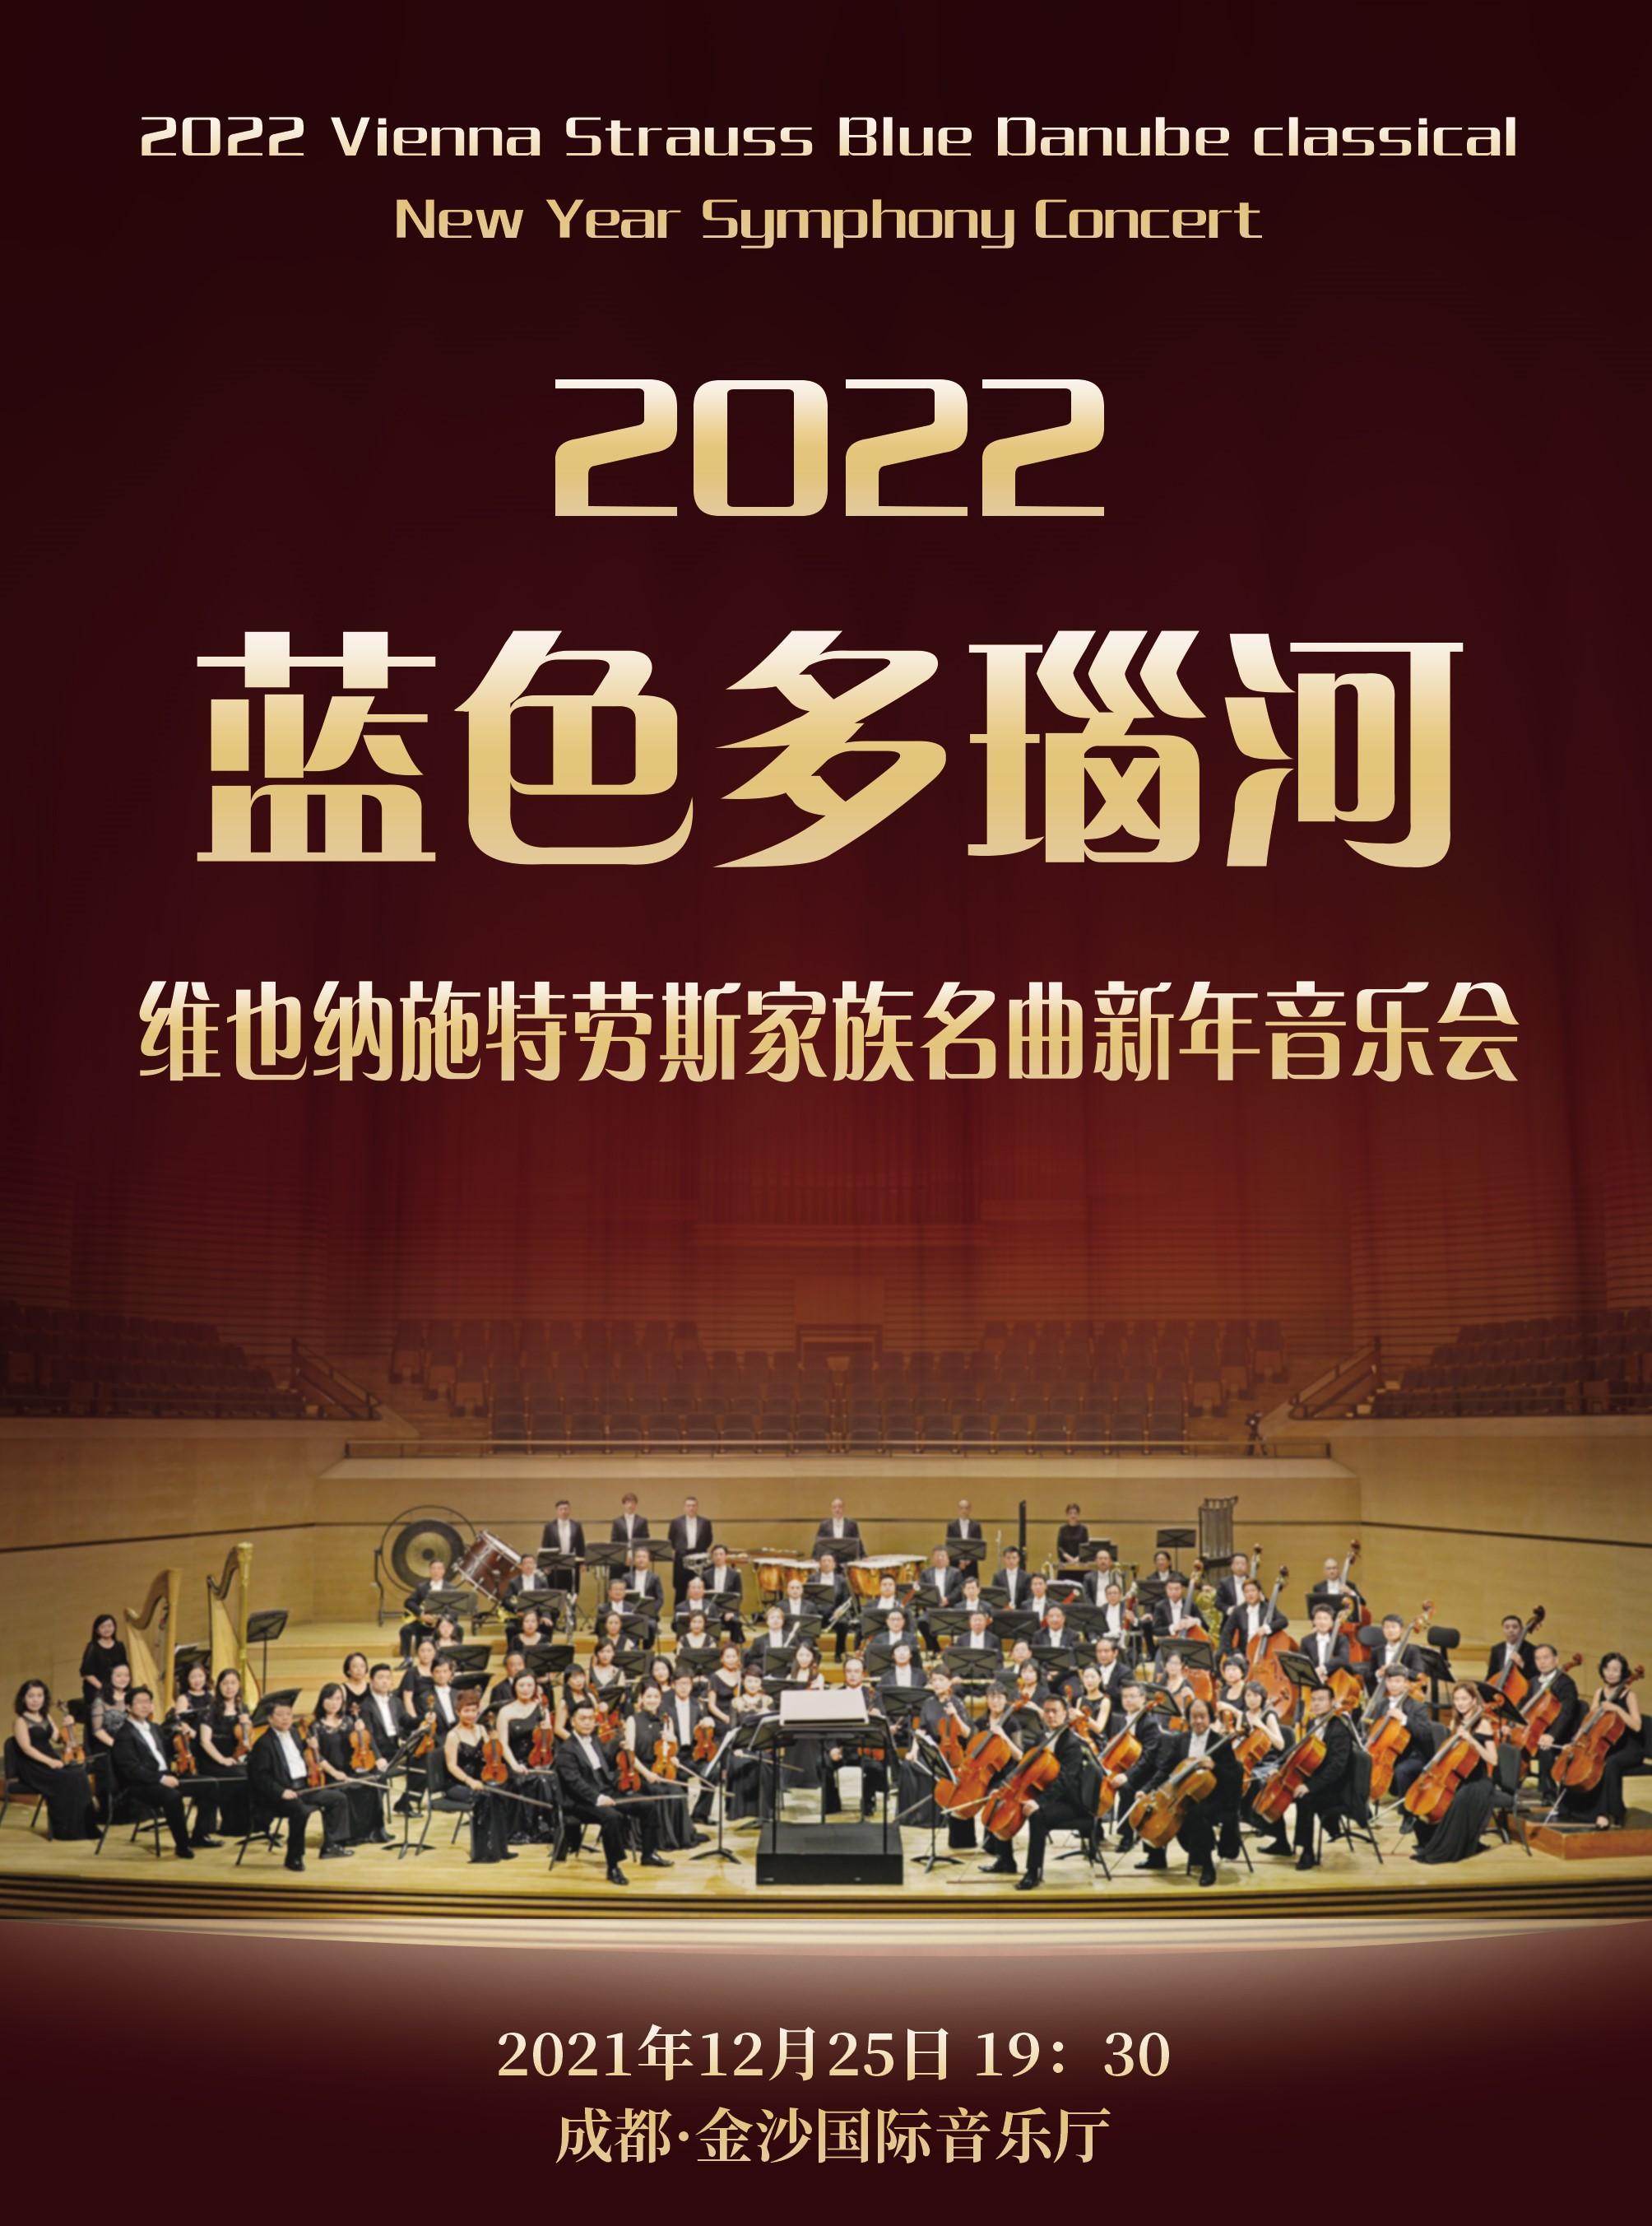 蓝色多瑙河-2022新年音乐会